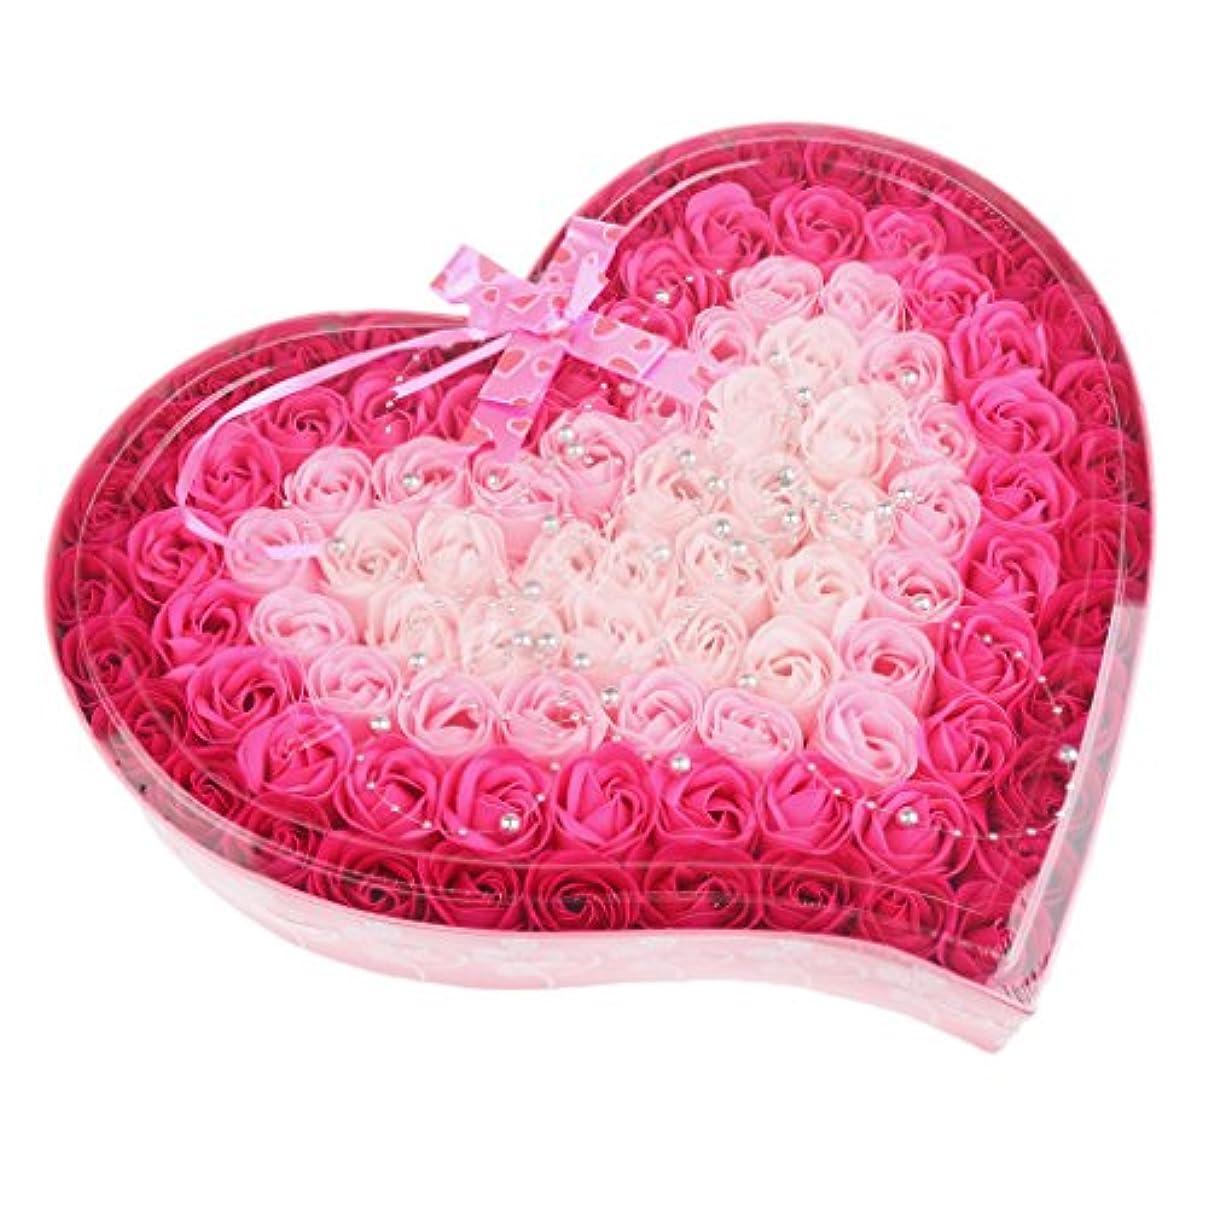 余裕があるおもしろい拡散するソープフラワー 約100個 心の形 ギフトボックス 石鹸の花 誕生日 プレゼント 全4色選べる - ピンク